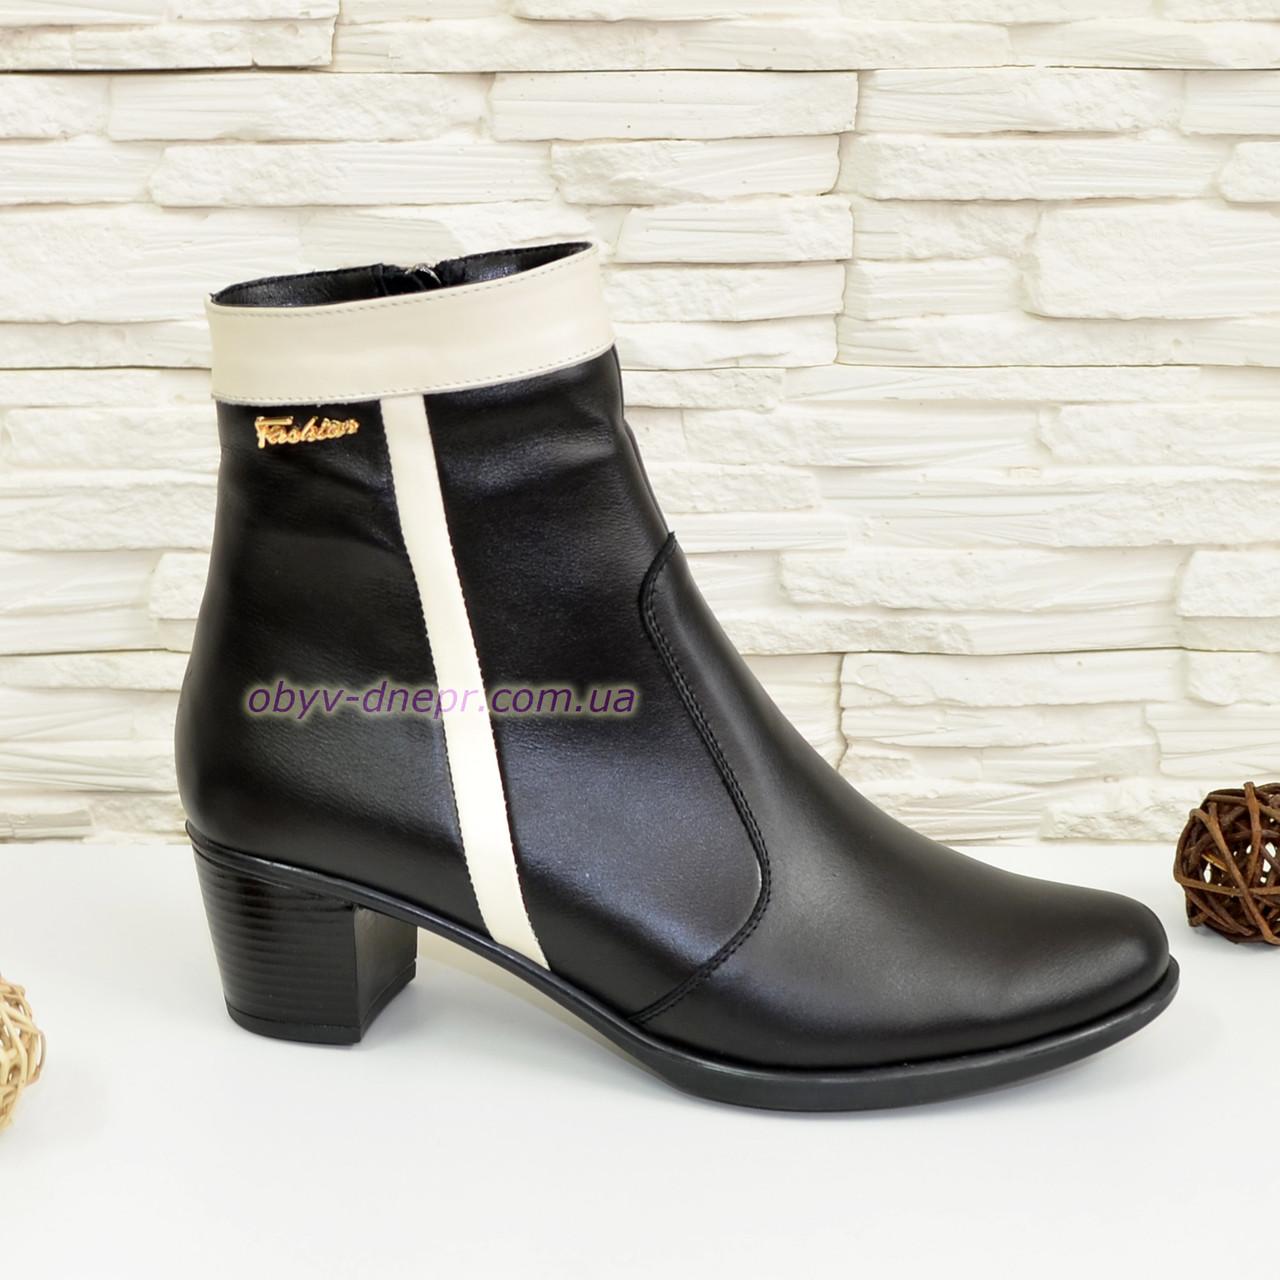 Женские демисезонные ботинки на невысоком каблуке, натуральная кожа бежевая и черная